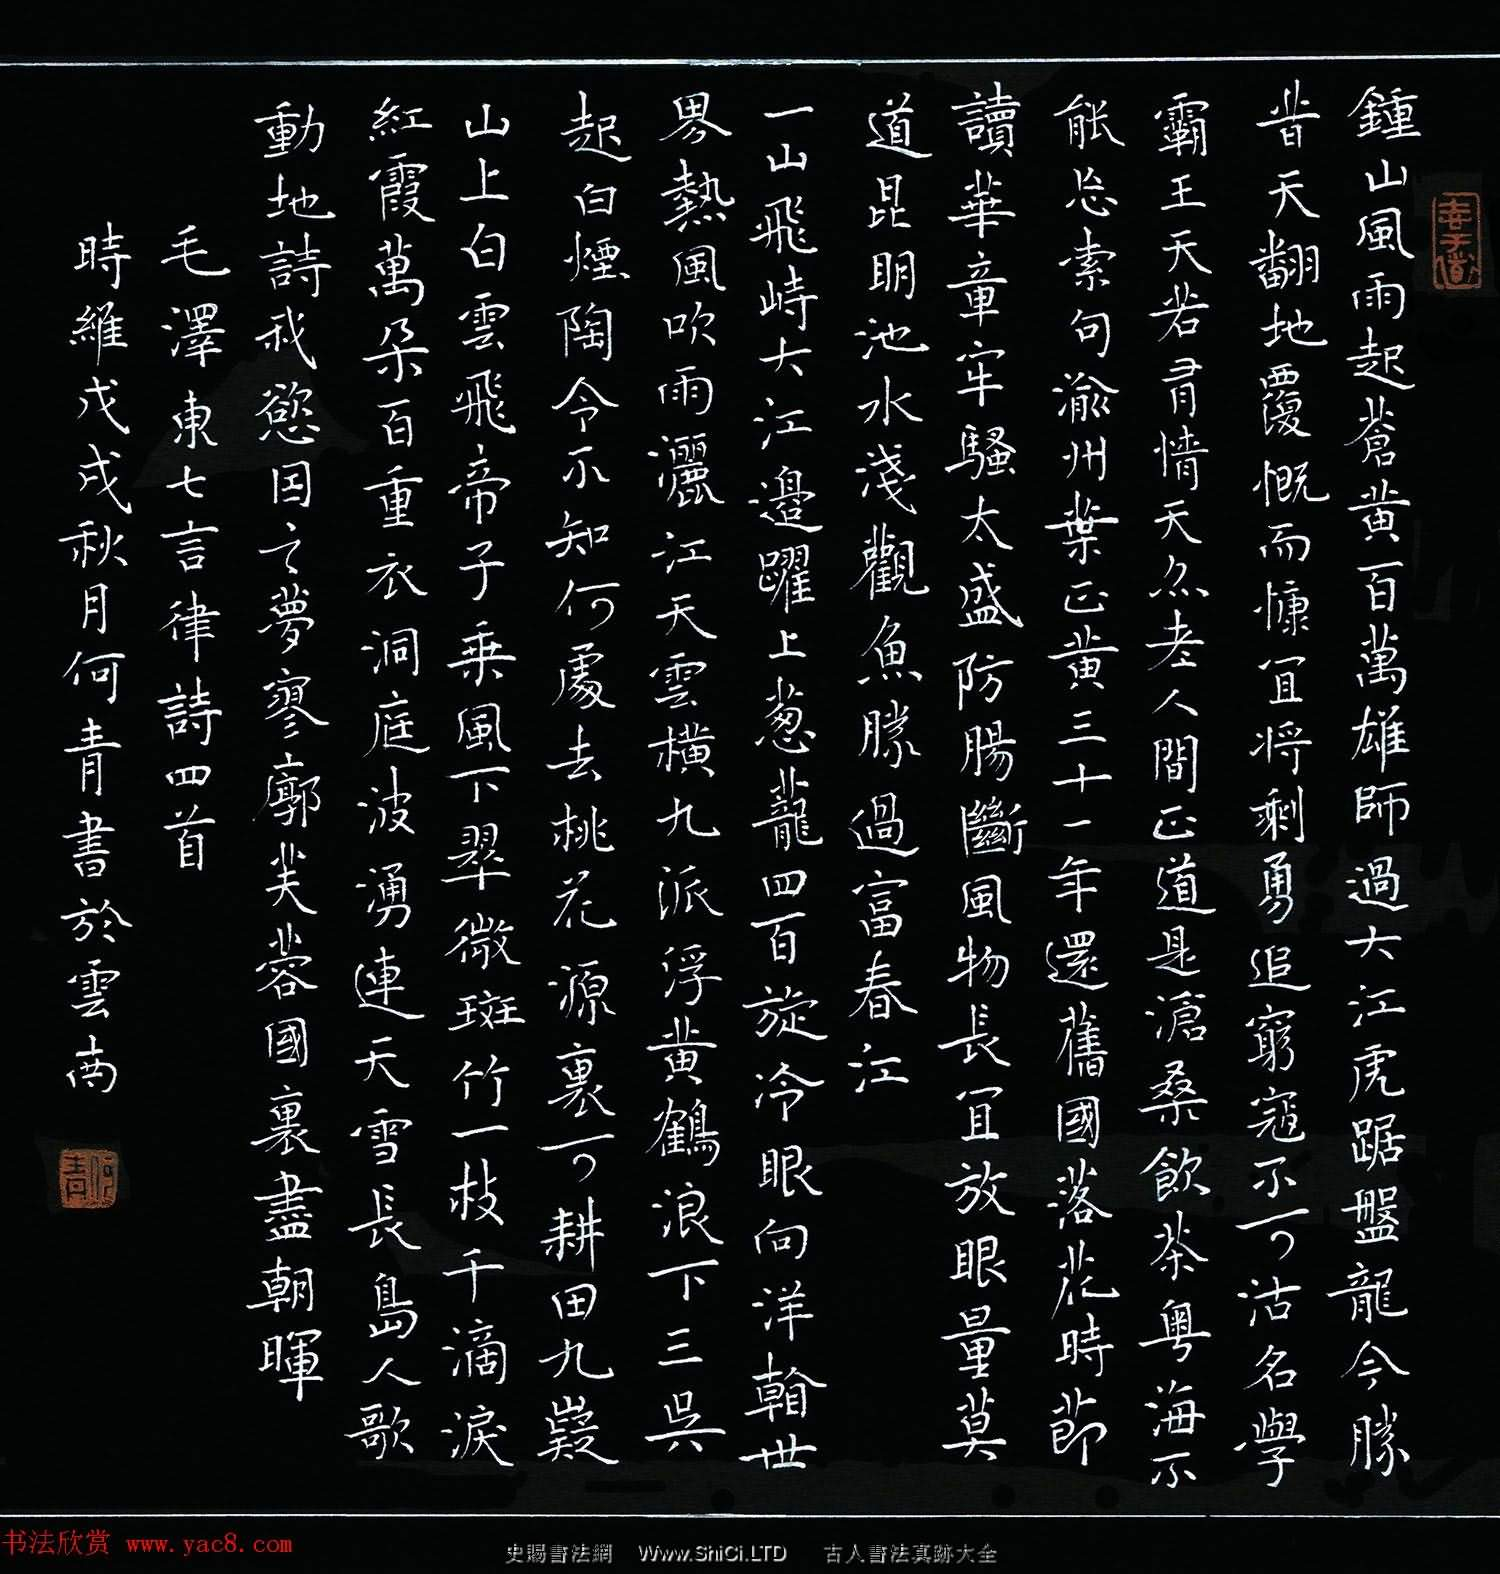 「品翰堂杯」第五屆中國硬筆書法公開賽獲獎作品欣賞